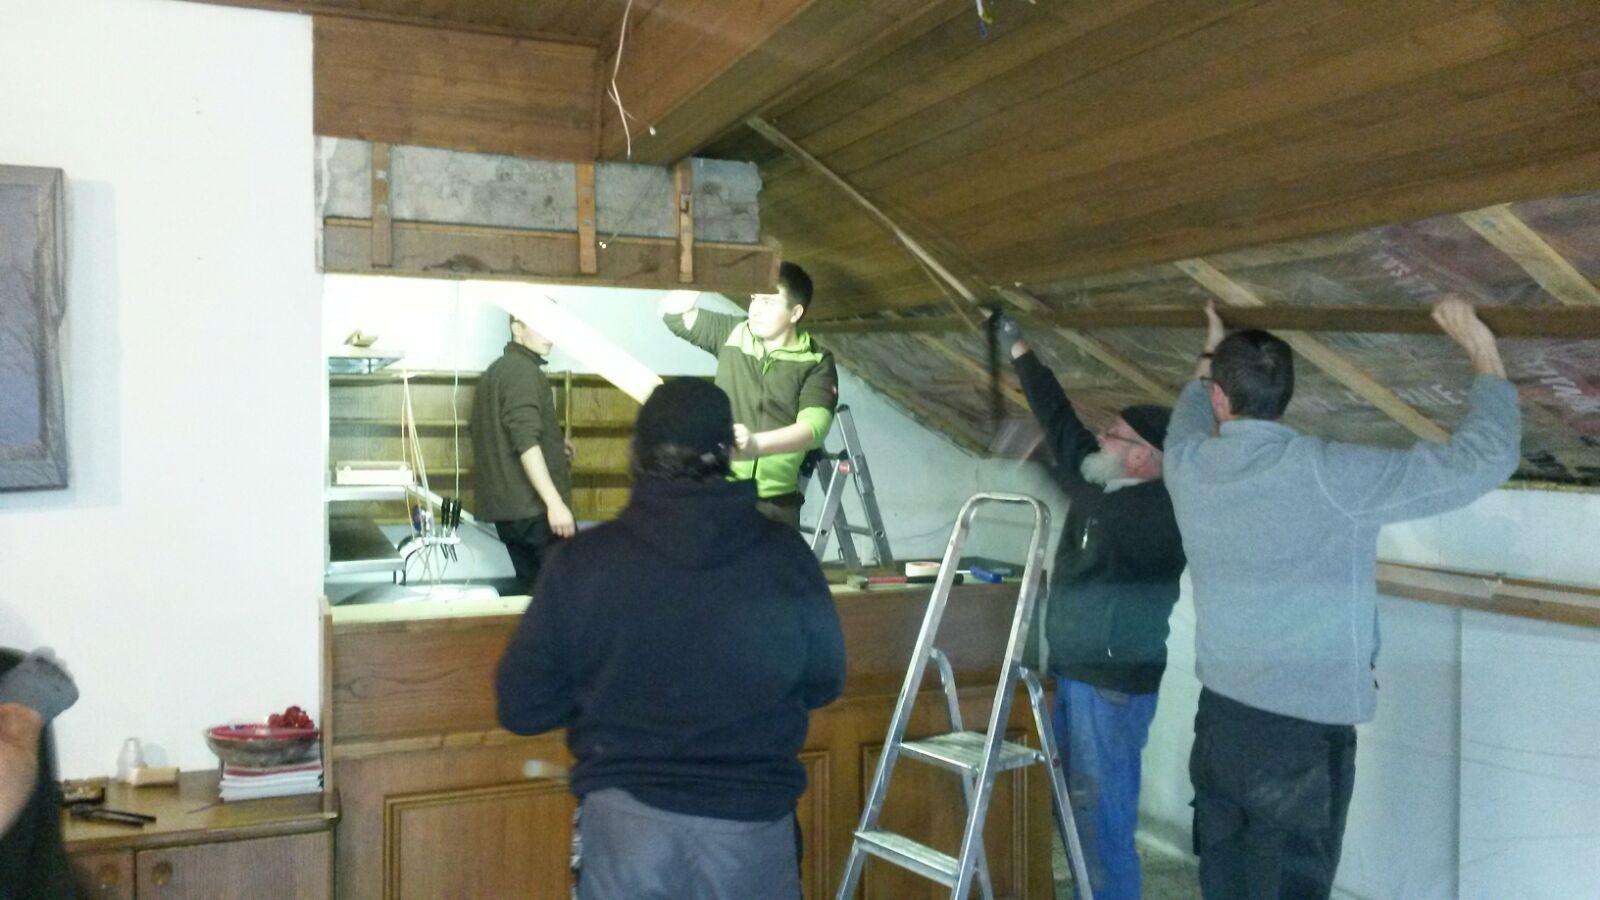 umbau unseres kameradschaftsraumes entfernen der alten decke freiwillige feuerwehr st thomas. Black Bedroom Furniture Sets. Home Design Ideas